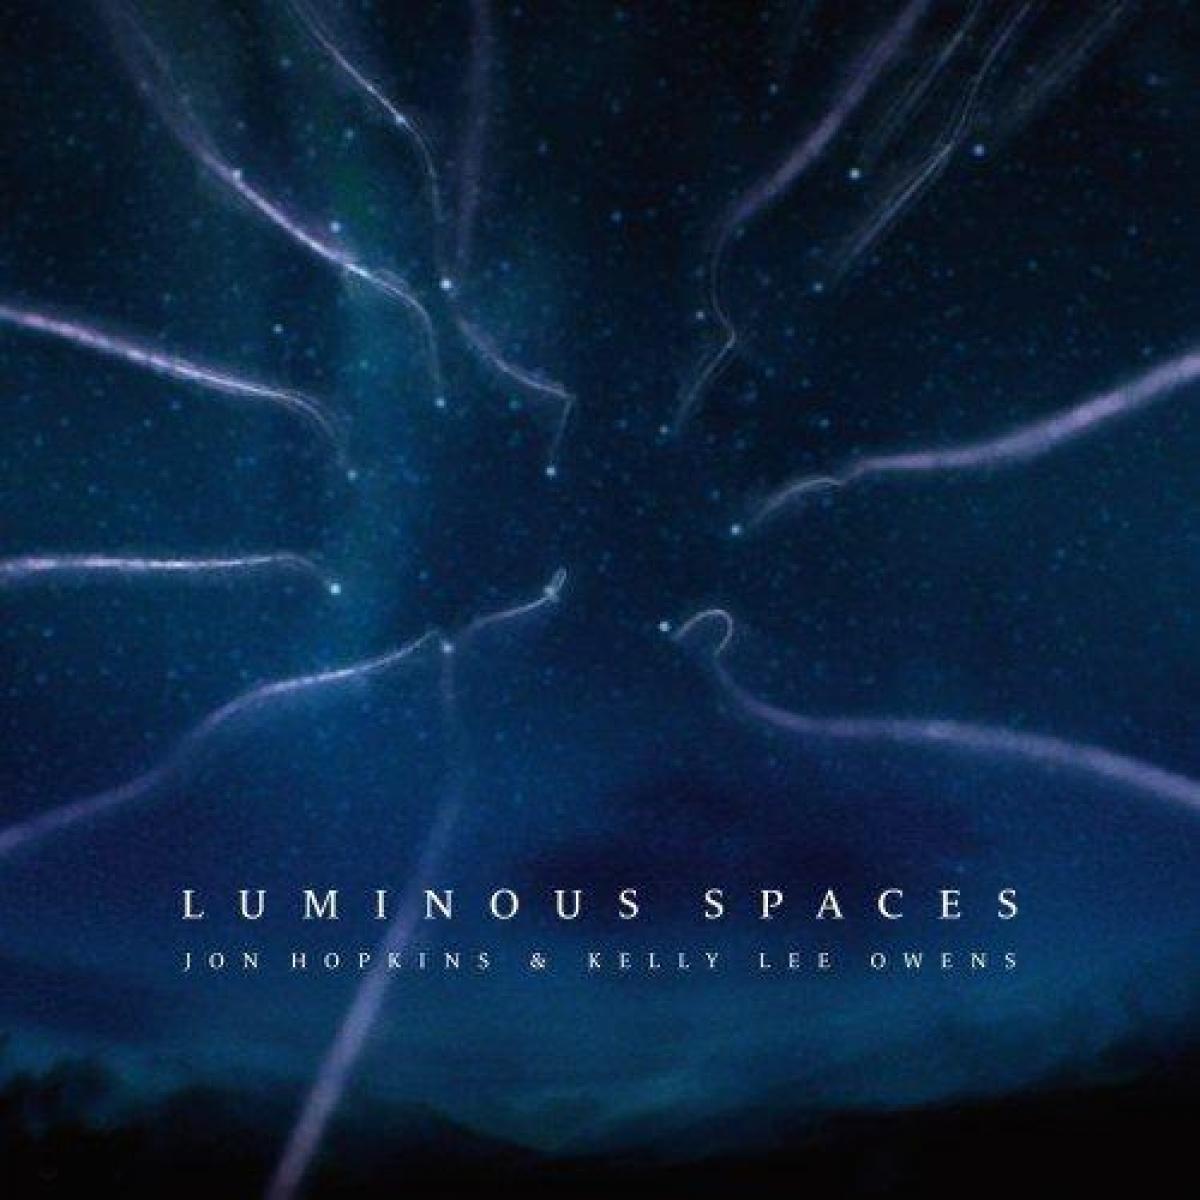 New track - Luminous Spaces